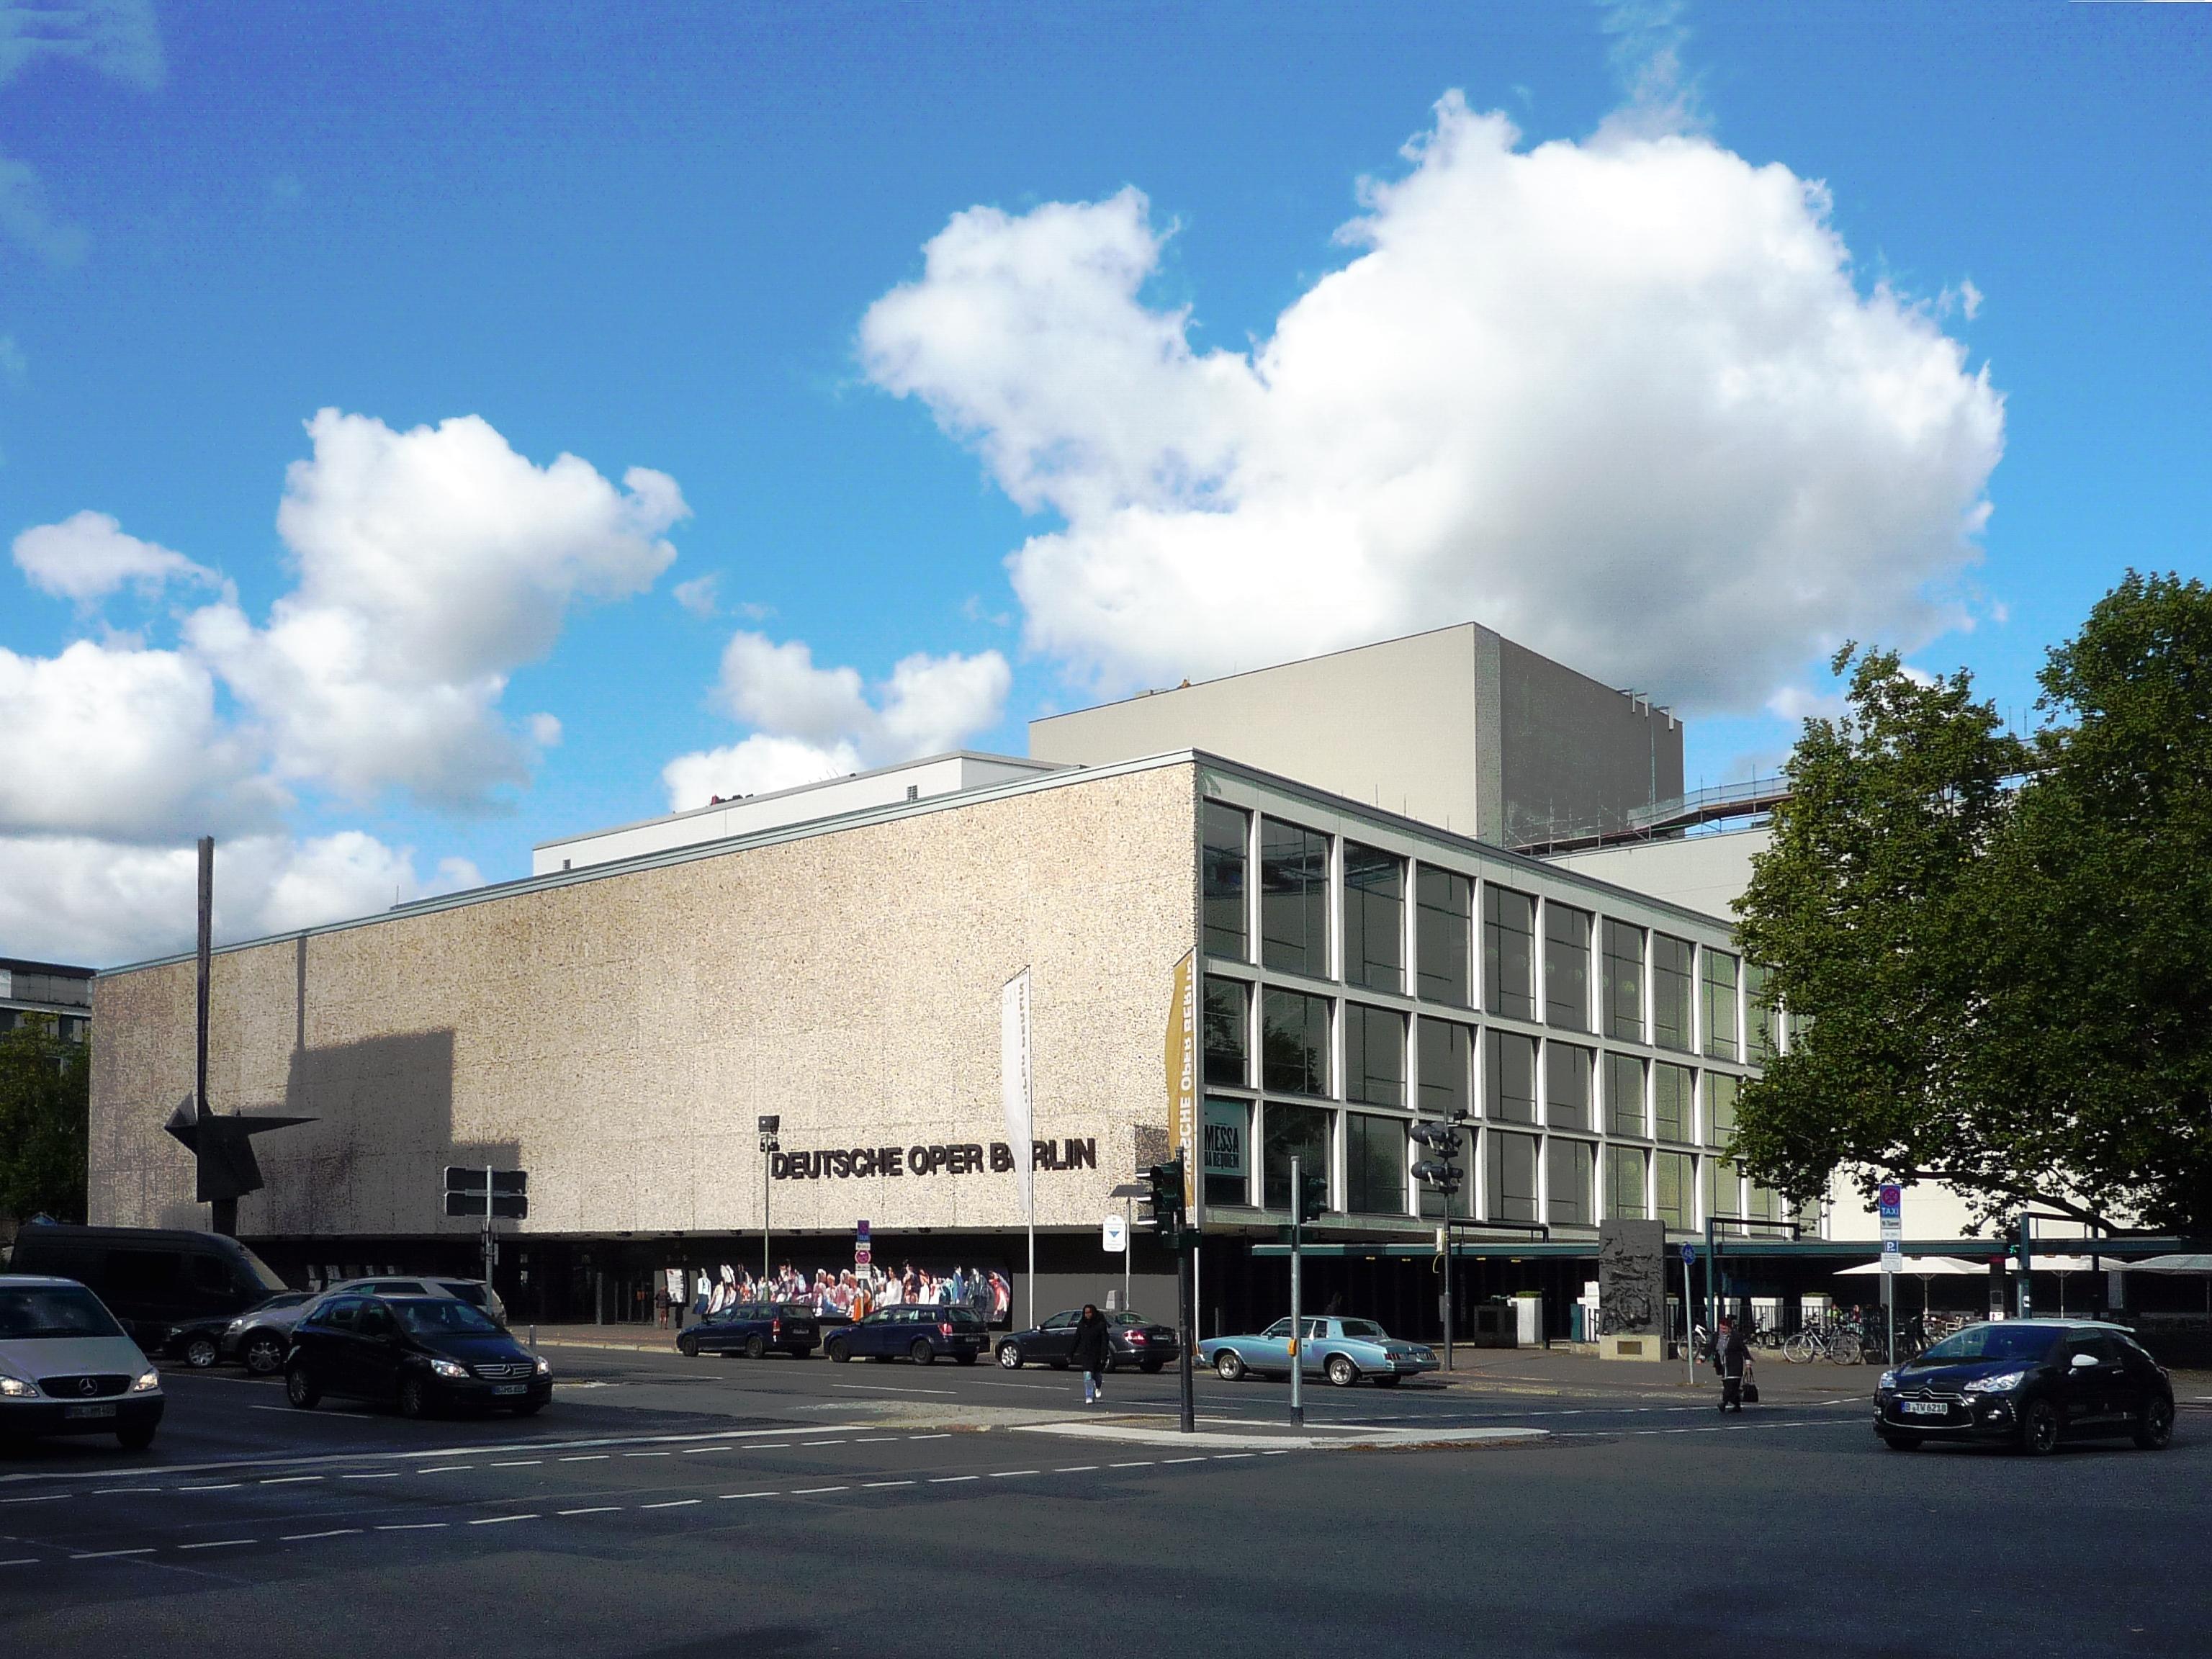 Bildergebnis für deutsche oper berlin